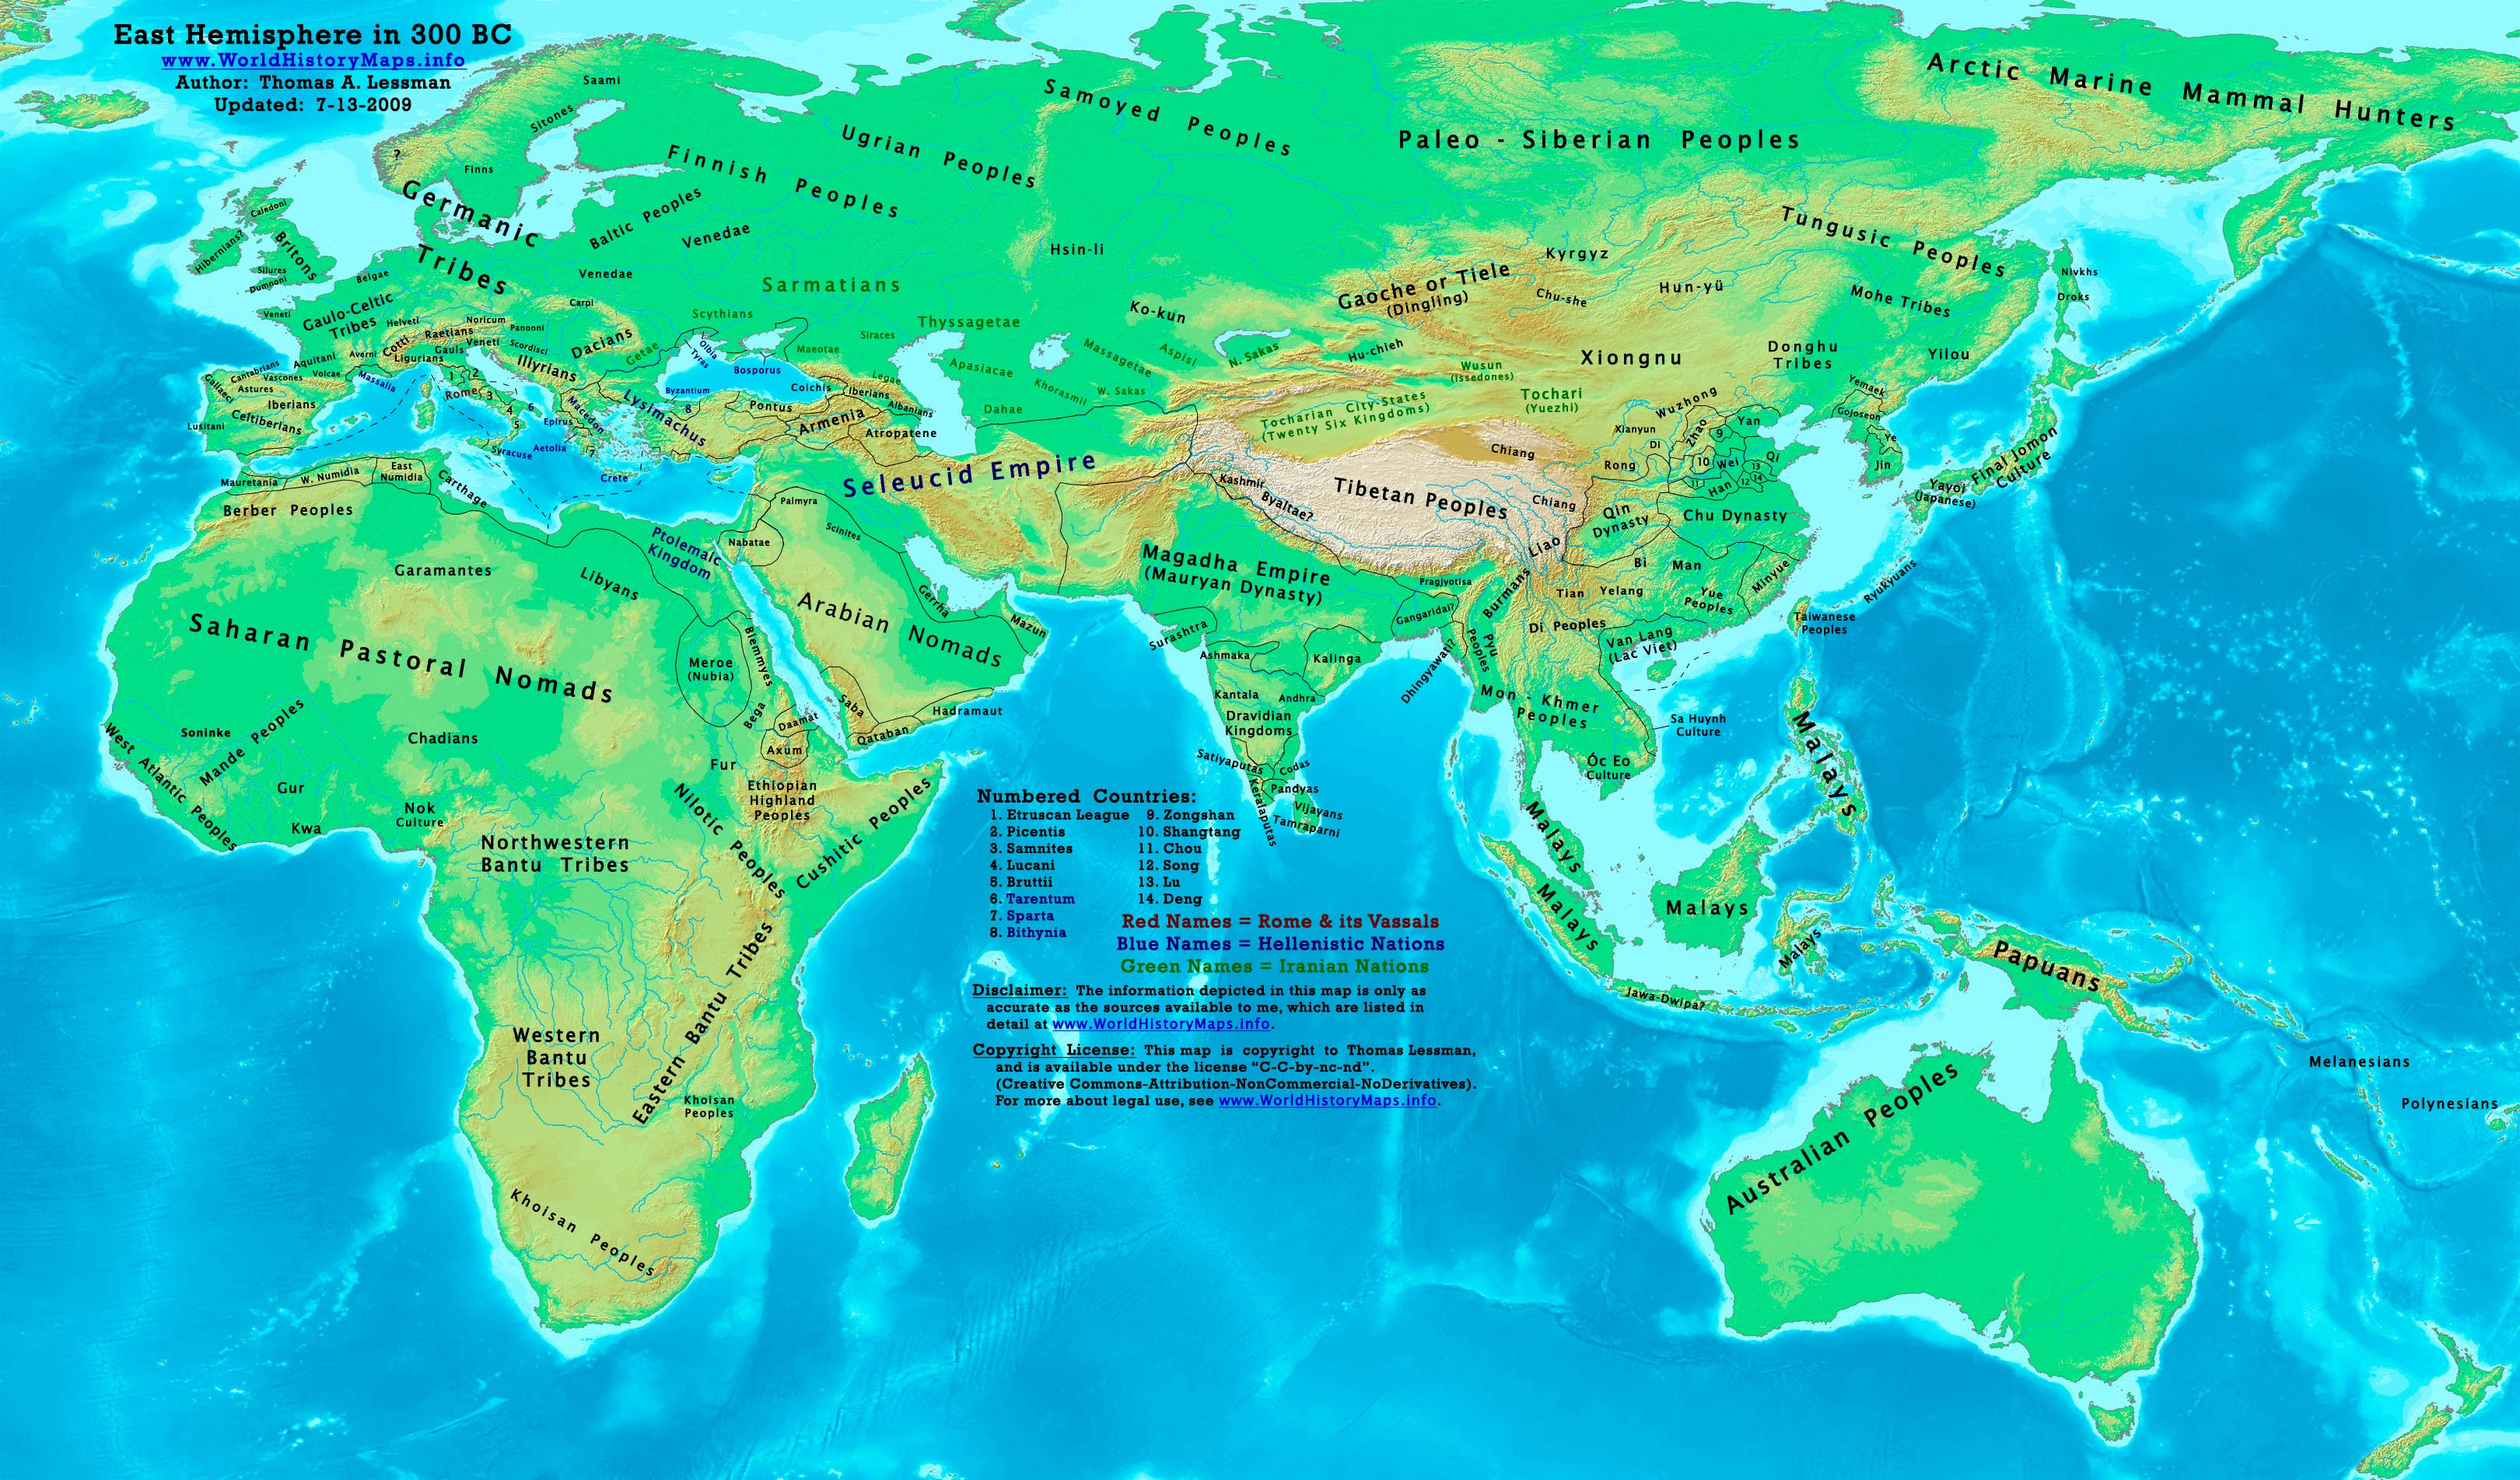 http://worldhistorymaps.info/images/East-Hem_300bc.jpg